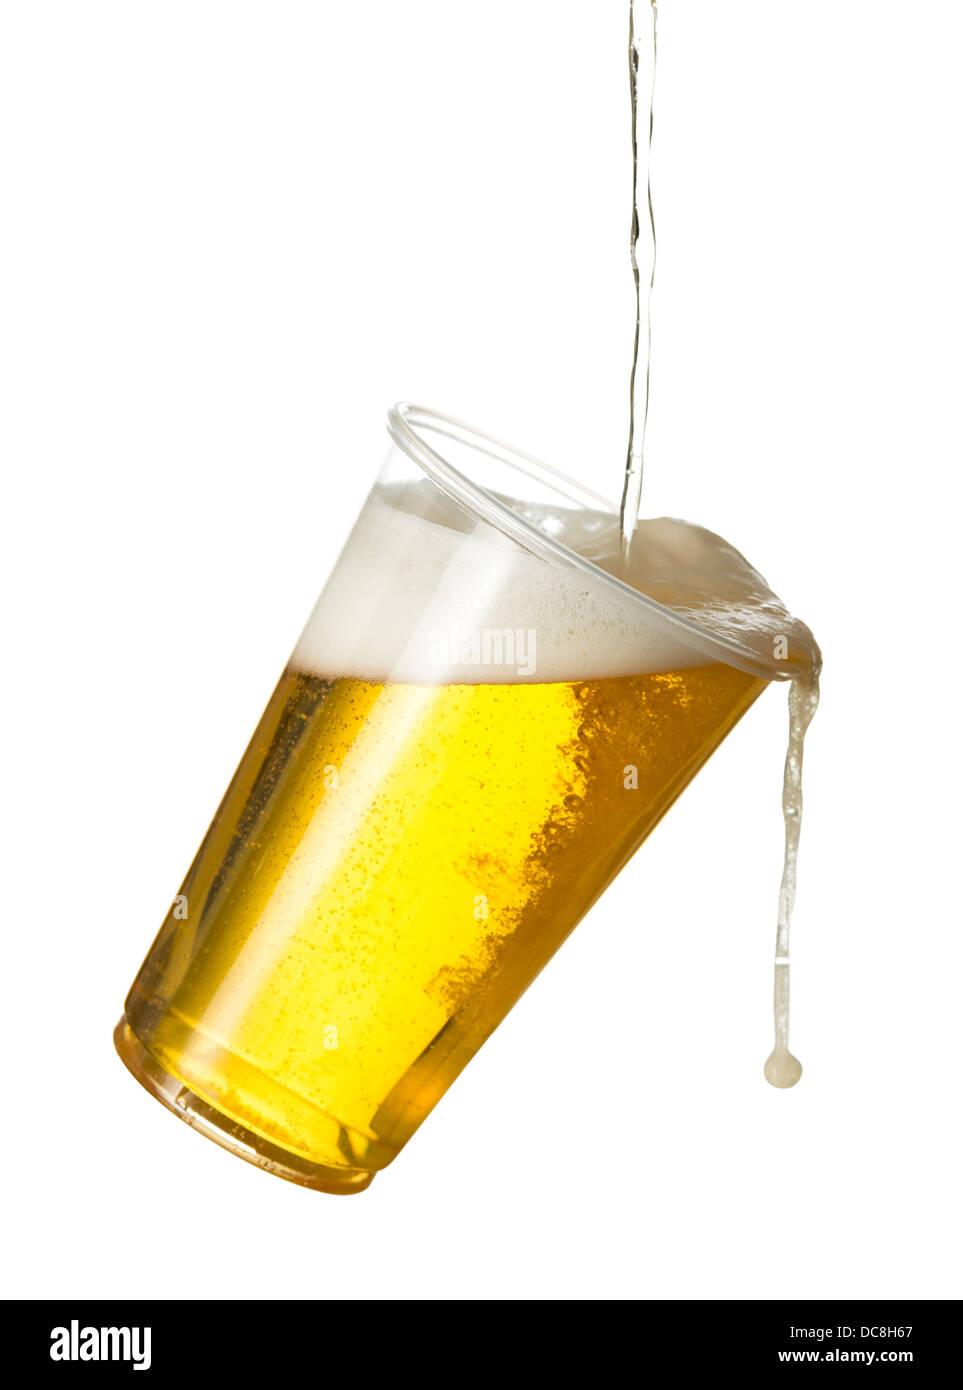 Verter la cerveza lager en una pinta de vidrio desechables de plástico - derramándose / más Imagen De Stock